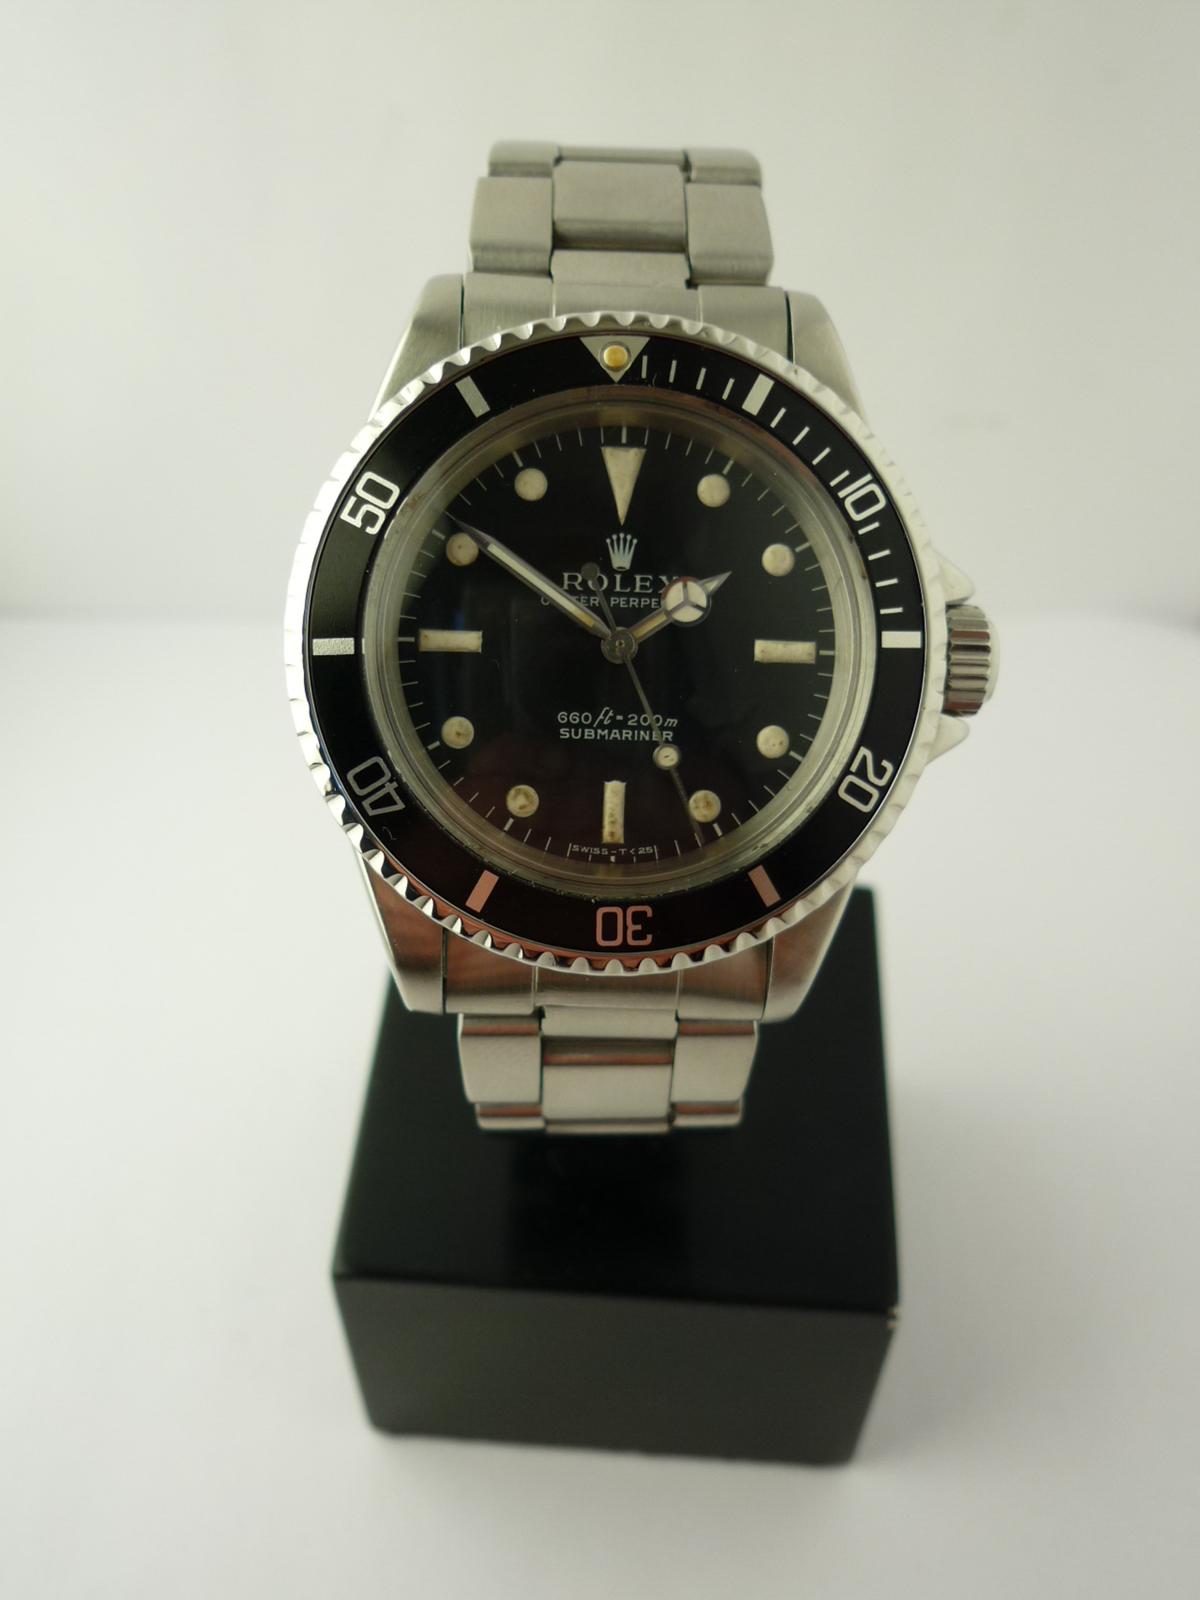 Vintage Rolex Submariner 5513 (1968)